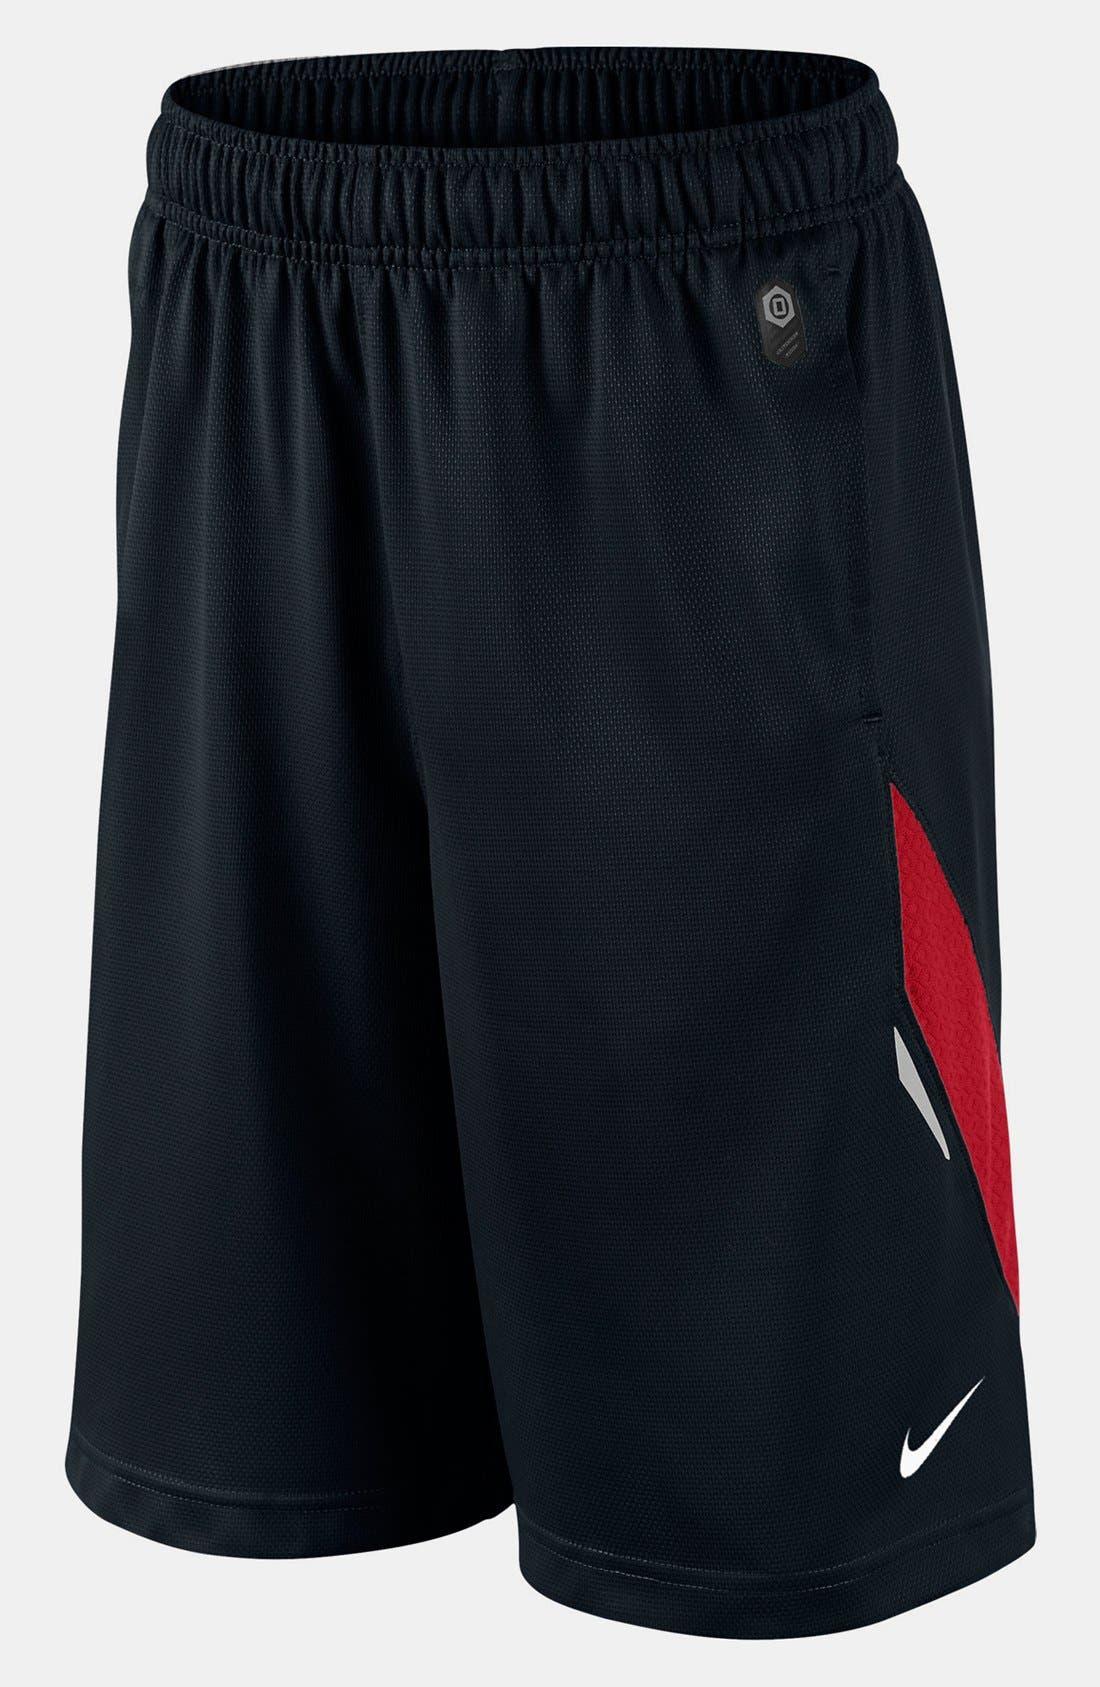 Alternate Image 1 Selected - Nike 'LeBron XD' Shorts (Big Boys)